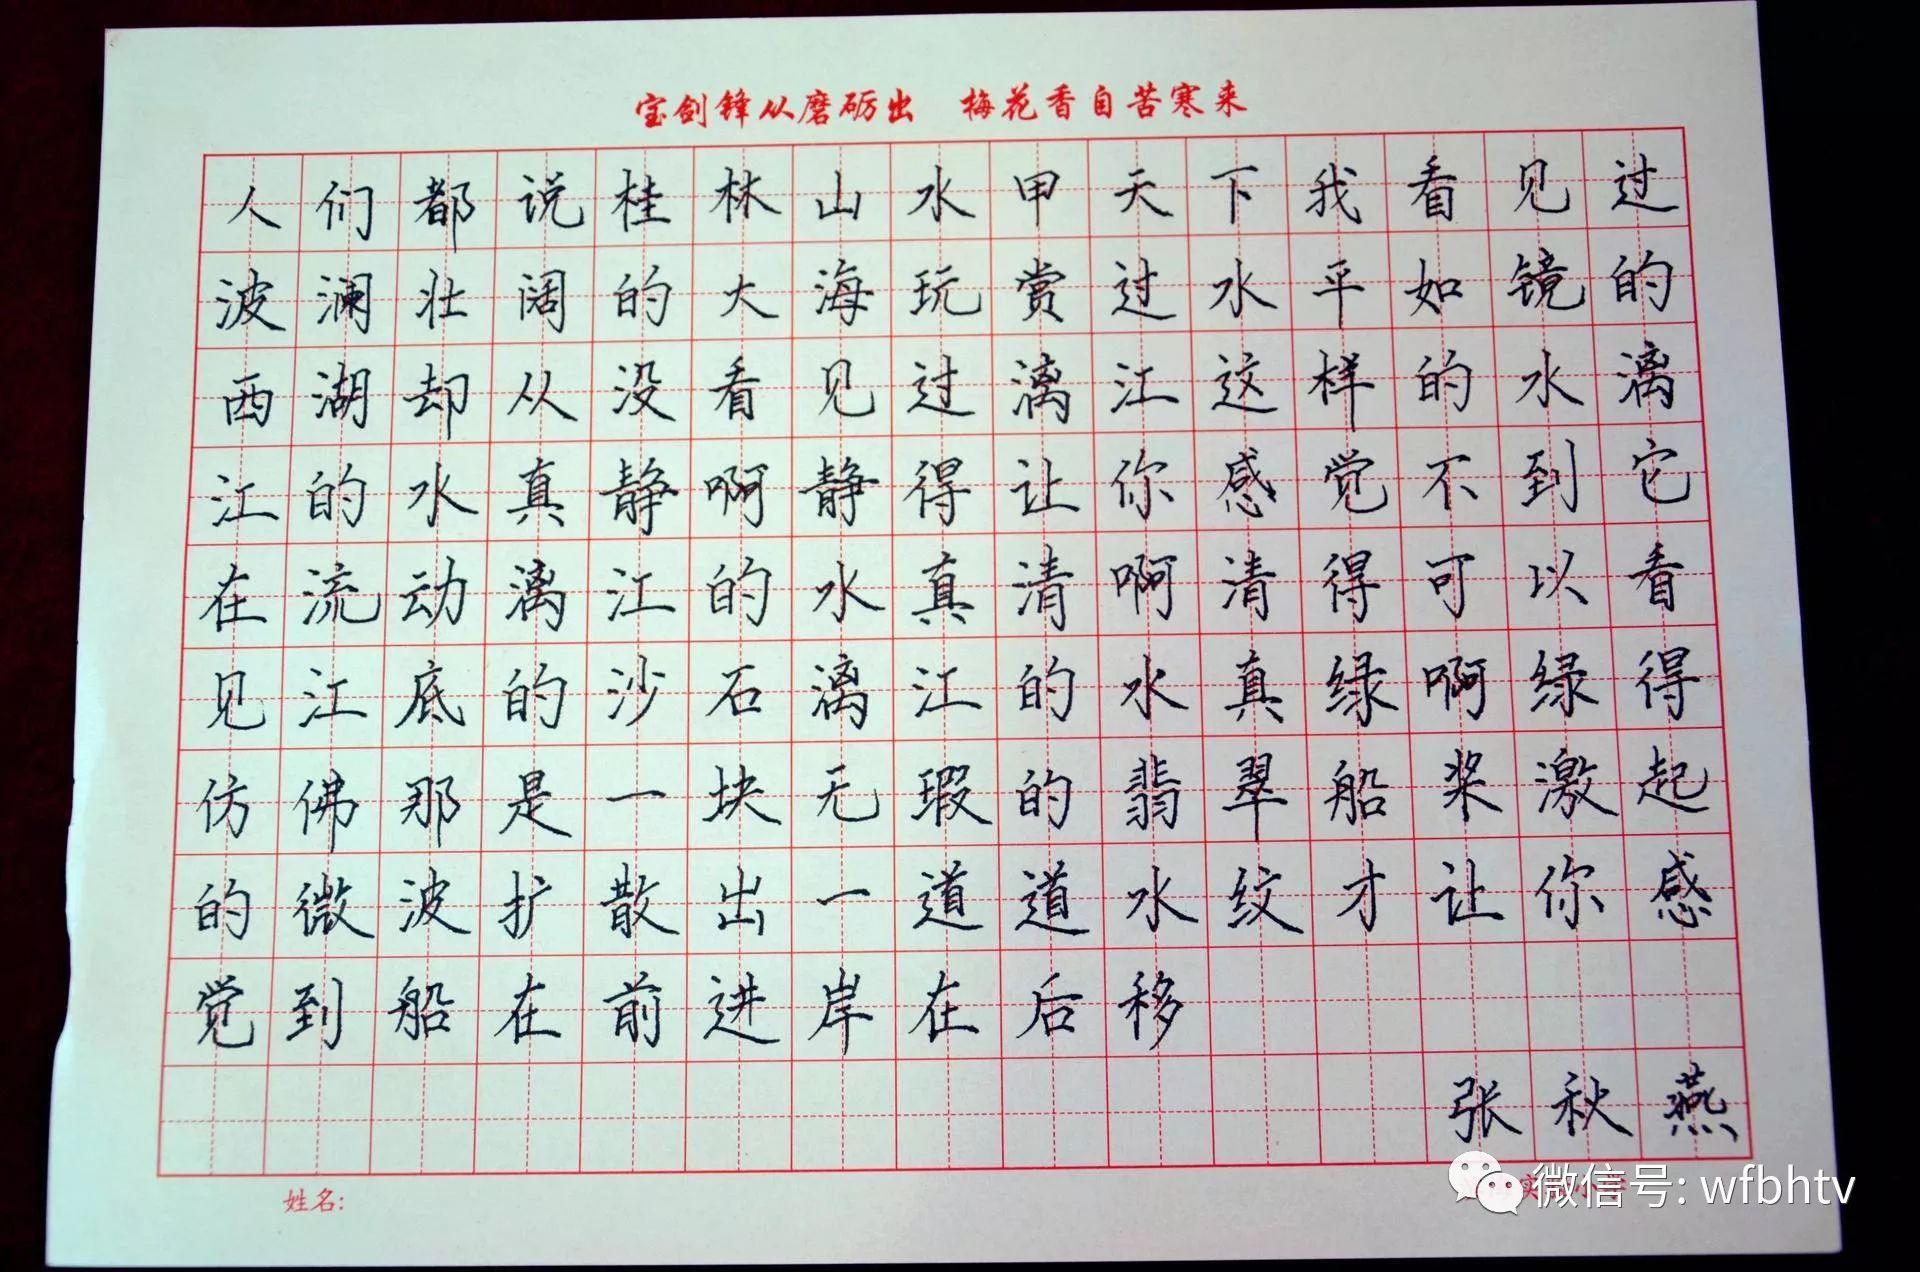 铁钩银画抓铁有痕,滨海实验小学青年教师的钢笔字写得不孬